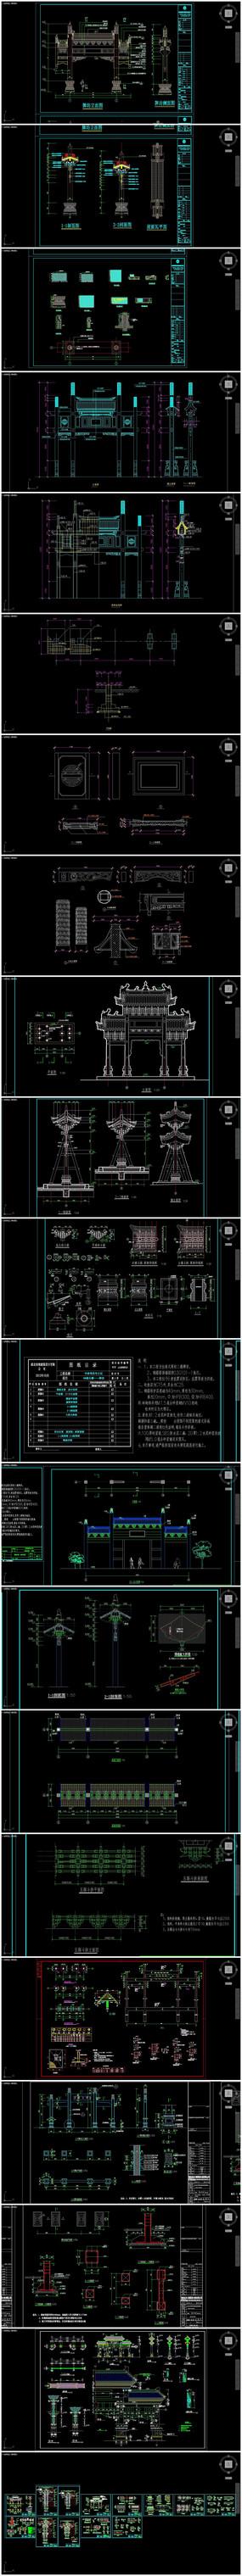 牌楼、牌坊CAD全套施工图